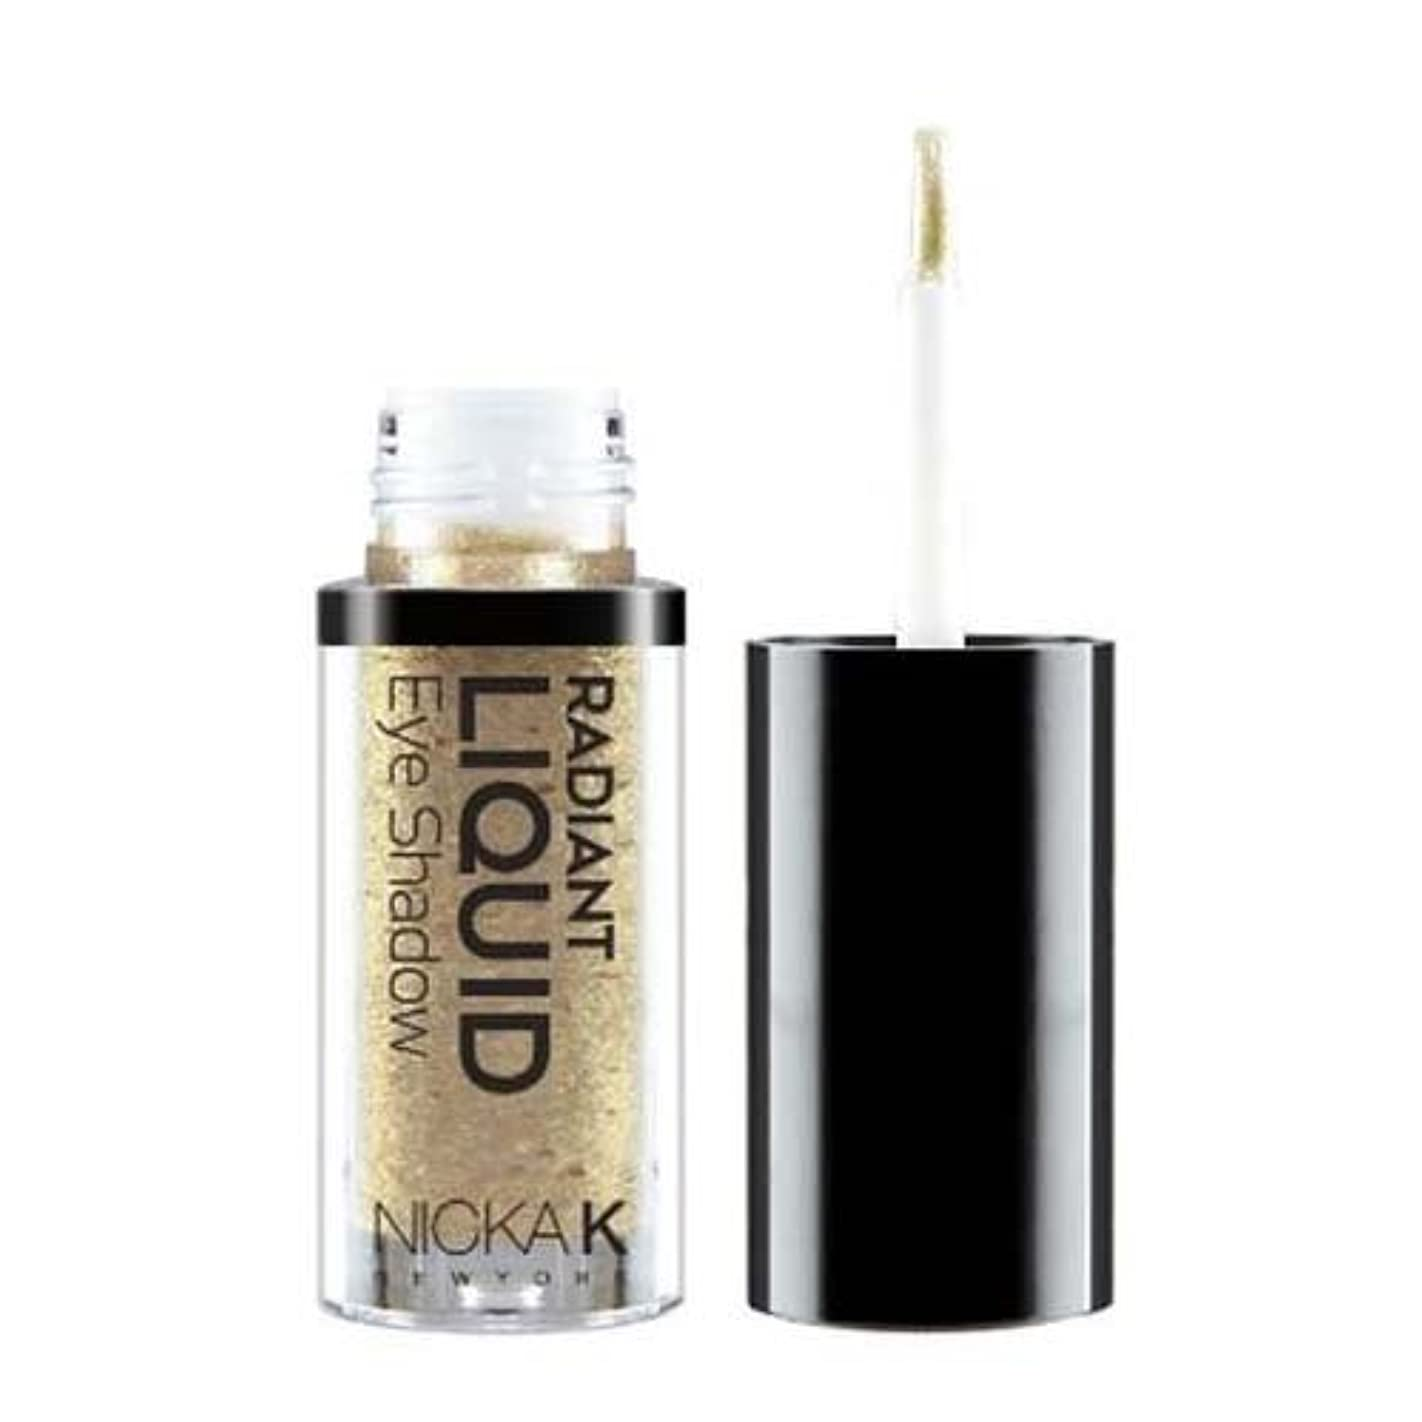 クスクスページェント帝国主義(3 Pack) NICKA K Radiant Liquid Eye Shadow - Ochroid Titan (並行輸入品)